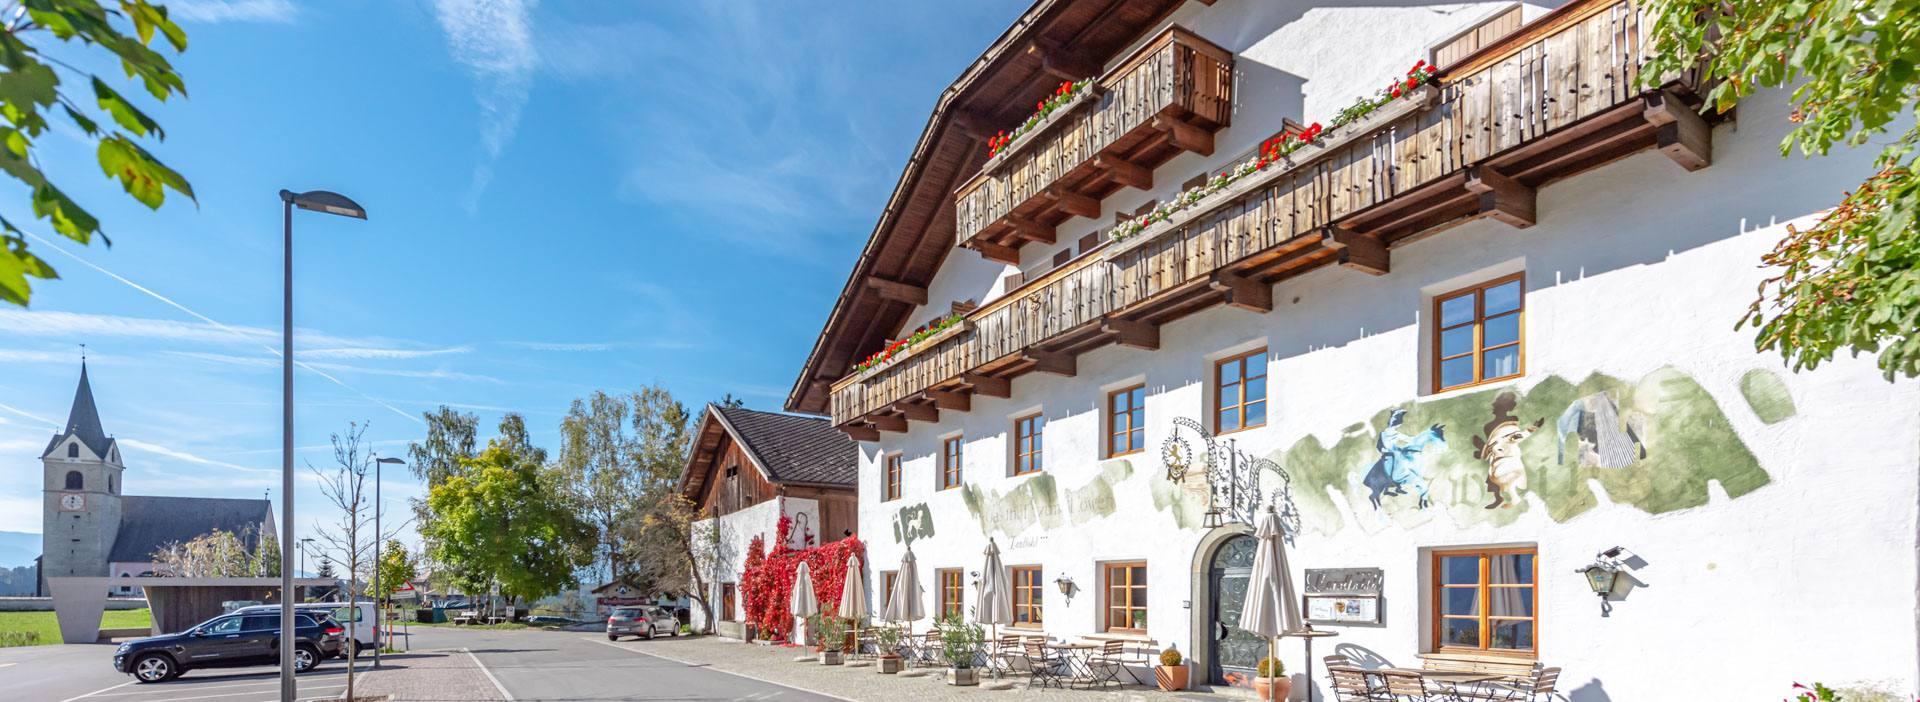 Albergo Gasthof zum Löwen